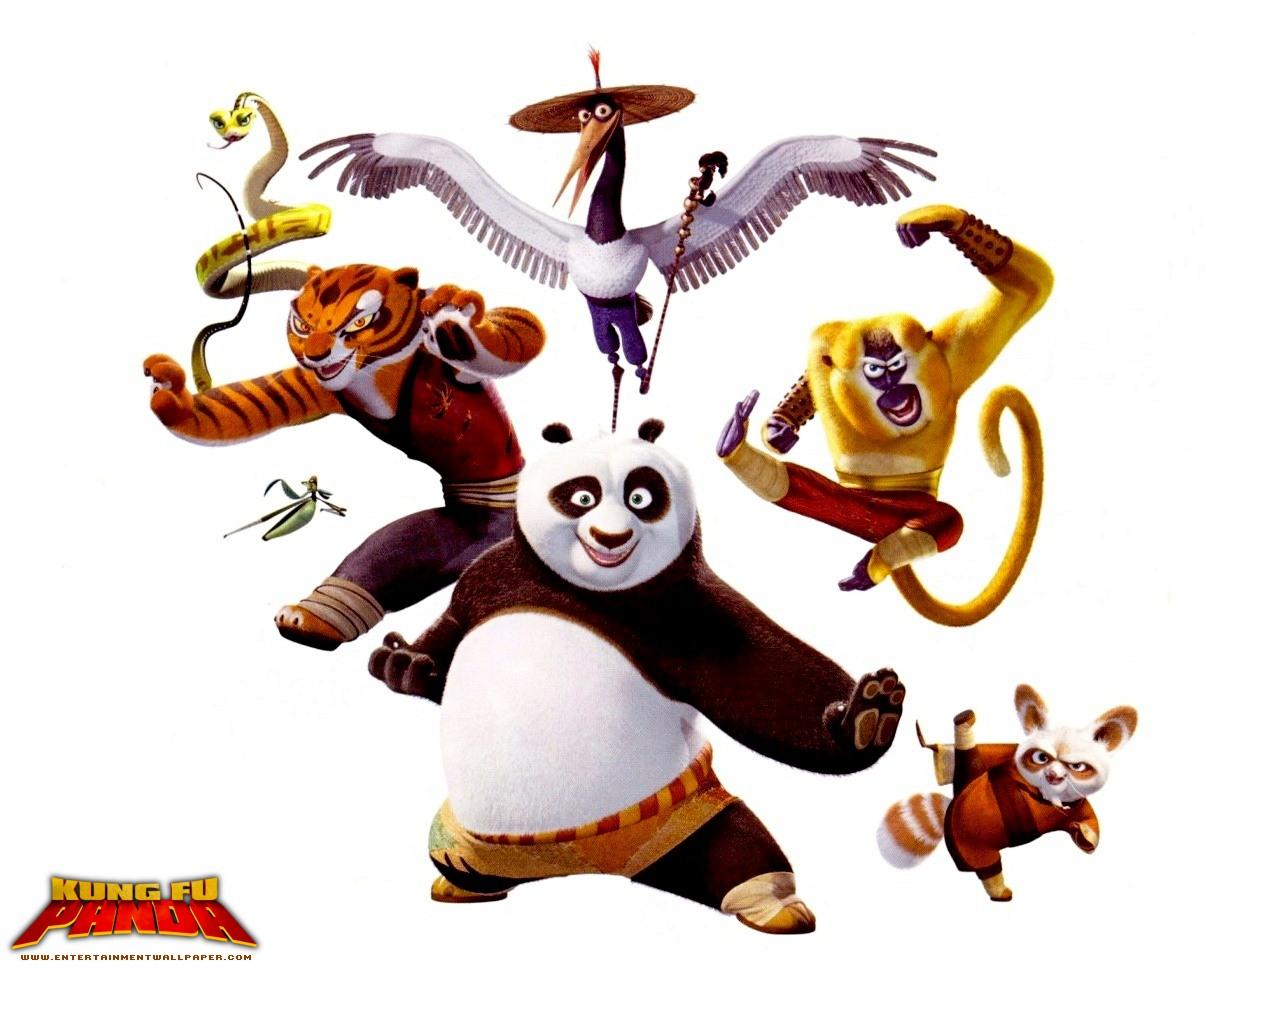 http://1.bp.blogspot.com/-F8HnStrWu8s/TmZrPnjRLPI/AAAAAAAABow/h_8HzZhFGC4/s1600/Kung+Fu+Panda+2+%25281%2529.jpg